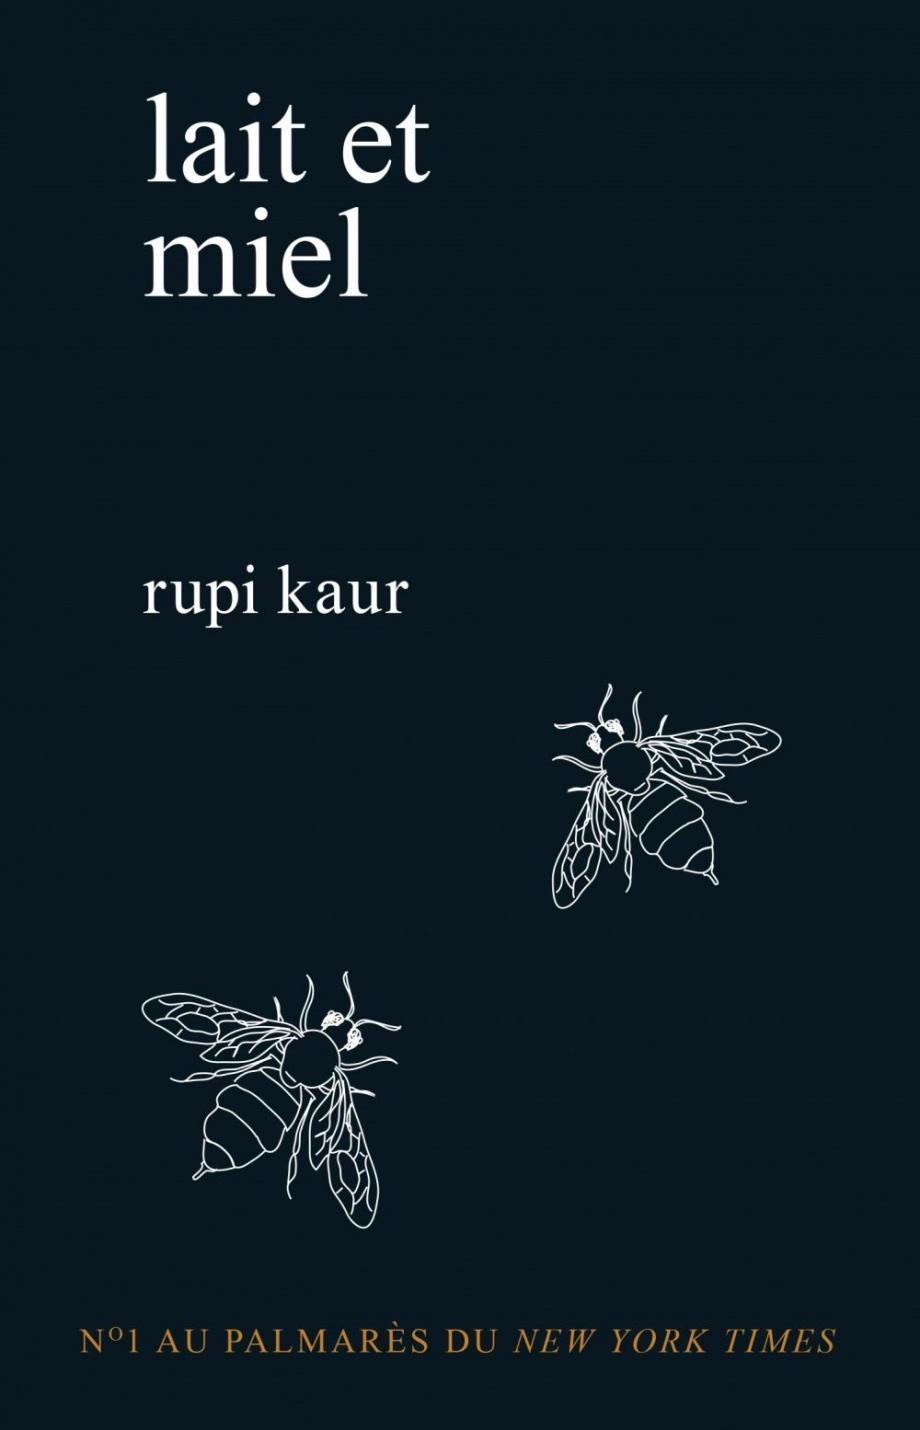 Lait et miel de Rupi Kaur